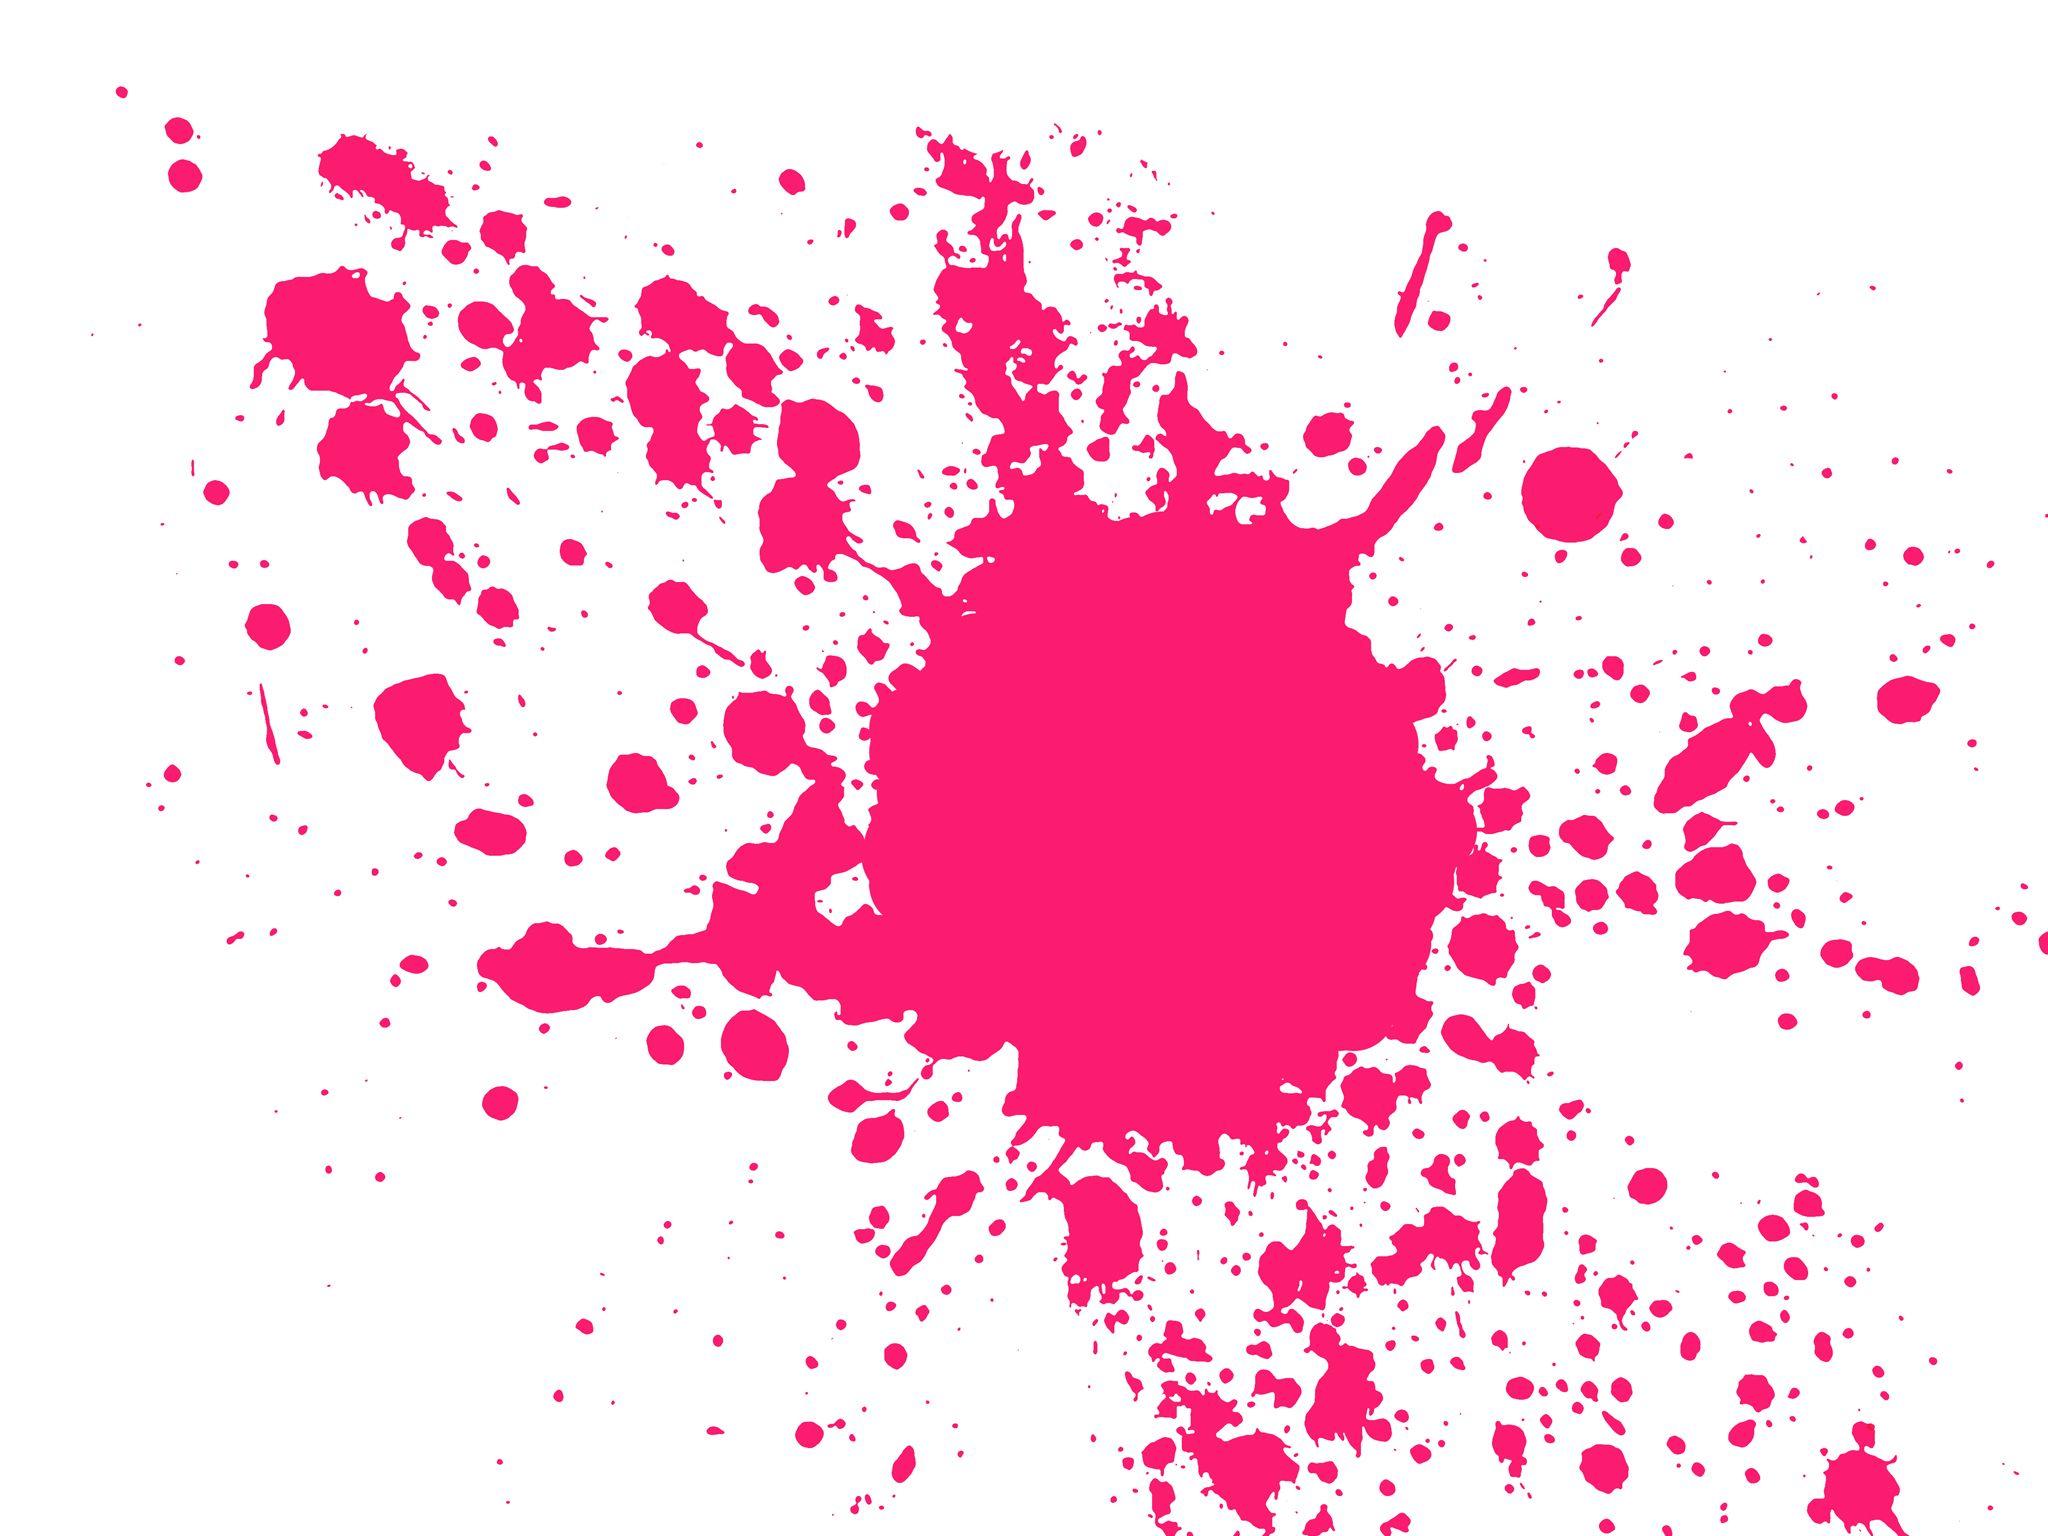 Fondo De Pantalla Salpicaduras De Pintura Salpicaduras De Pintura Manchas De Tinta Manchas De Pinturas